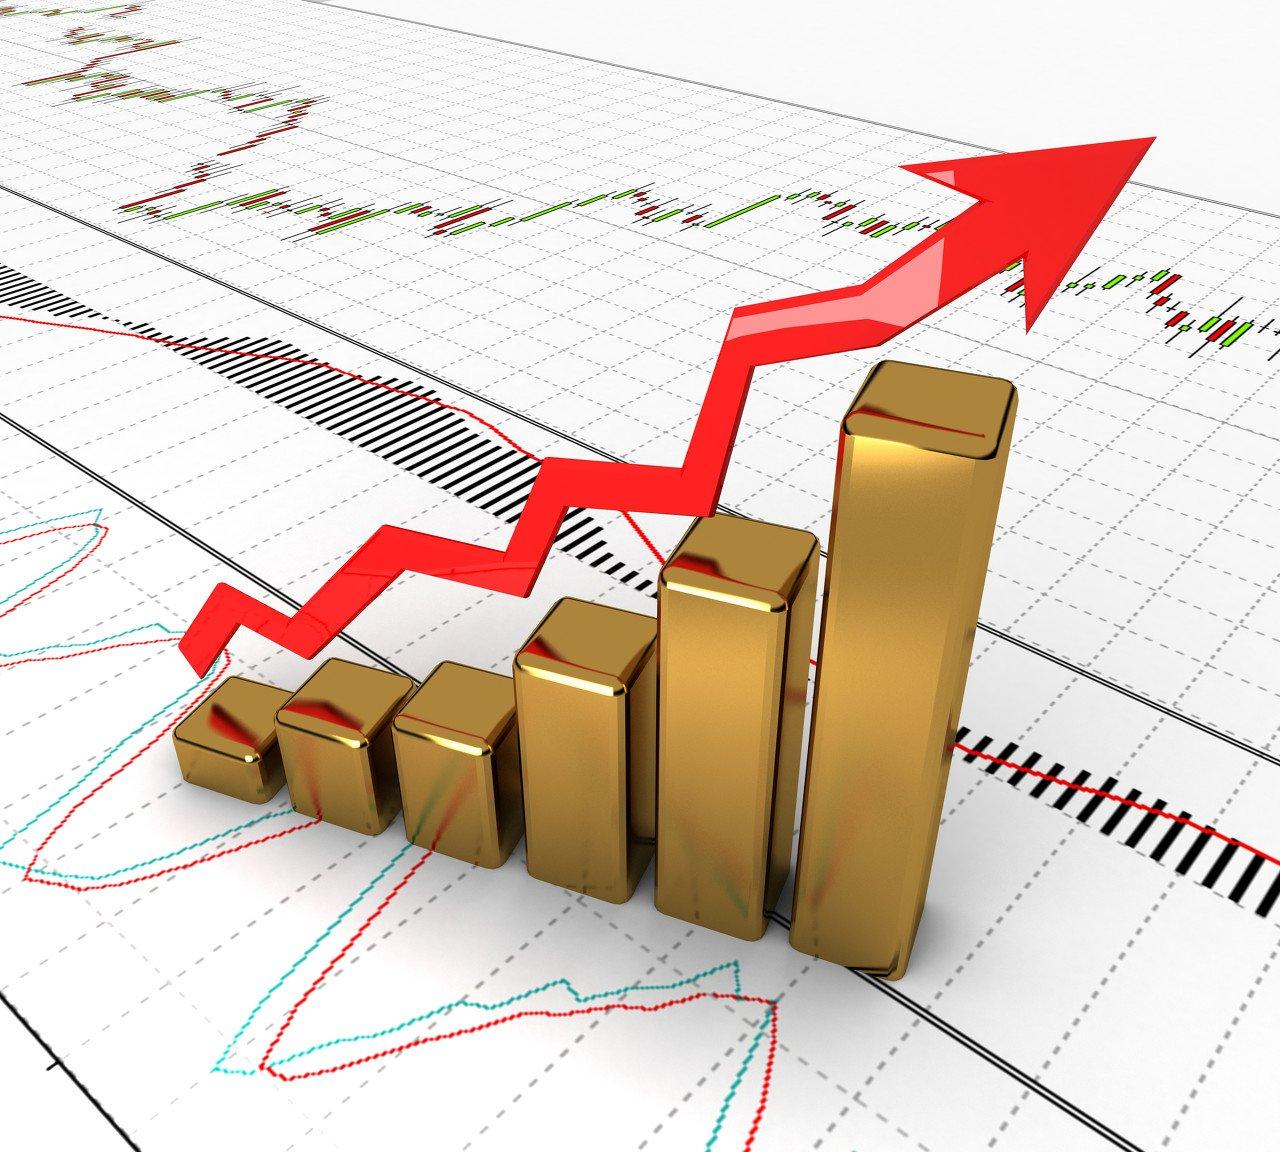 铜价涨价至10年新高,家电行业已经绷不住了?